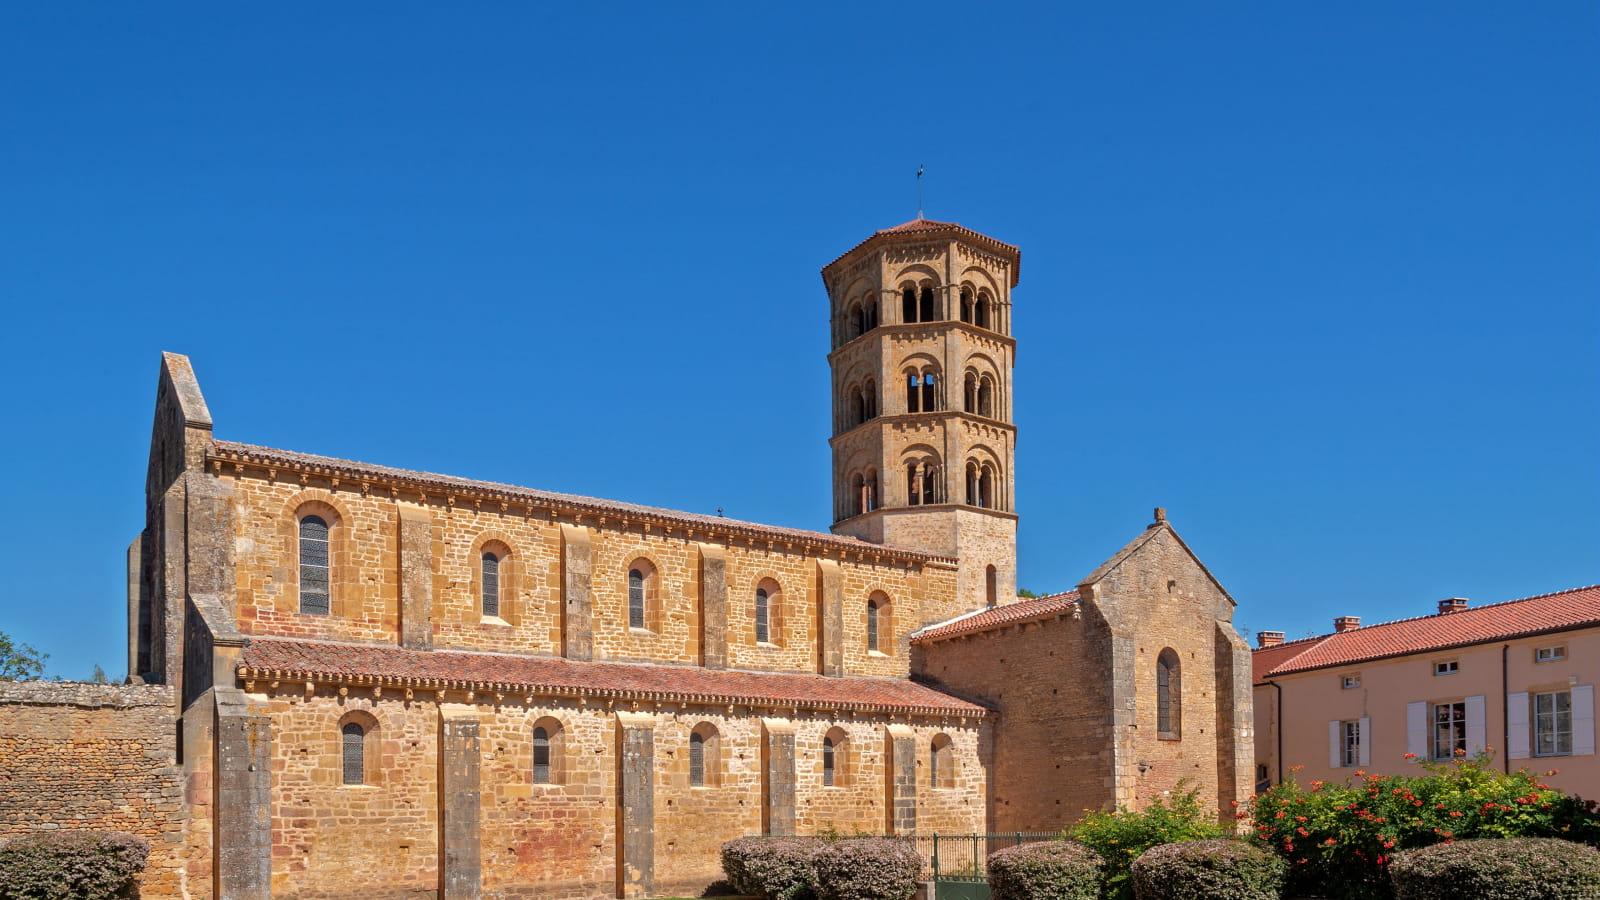 Eglise Romane Notre Dame de l'Assomption